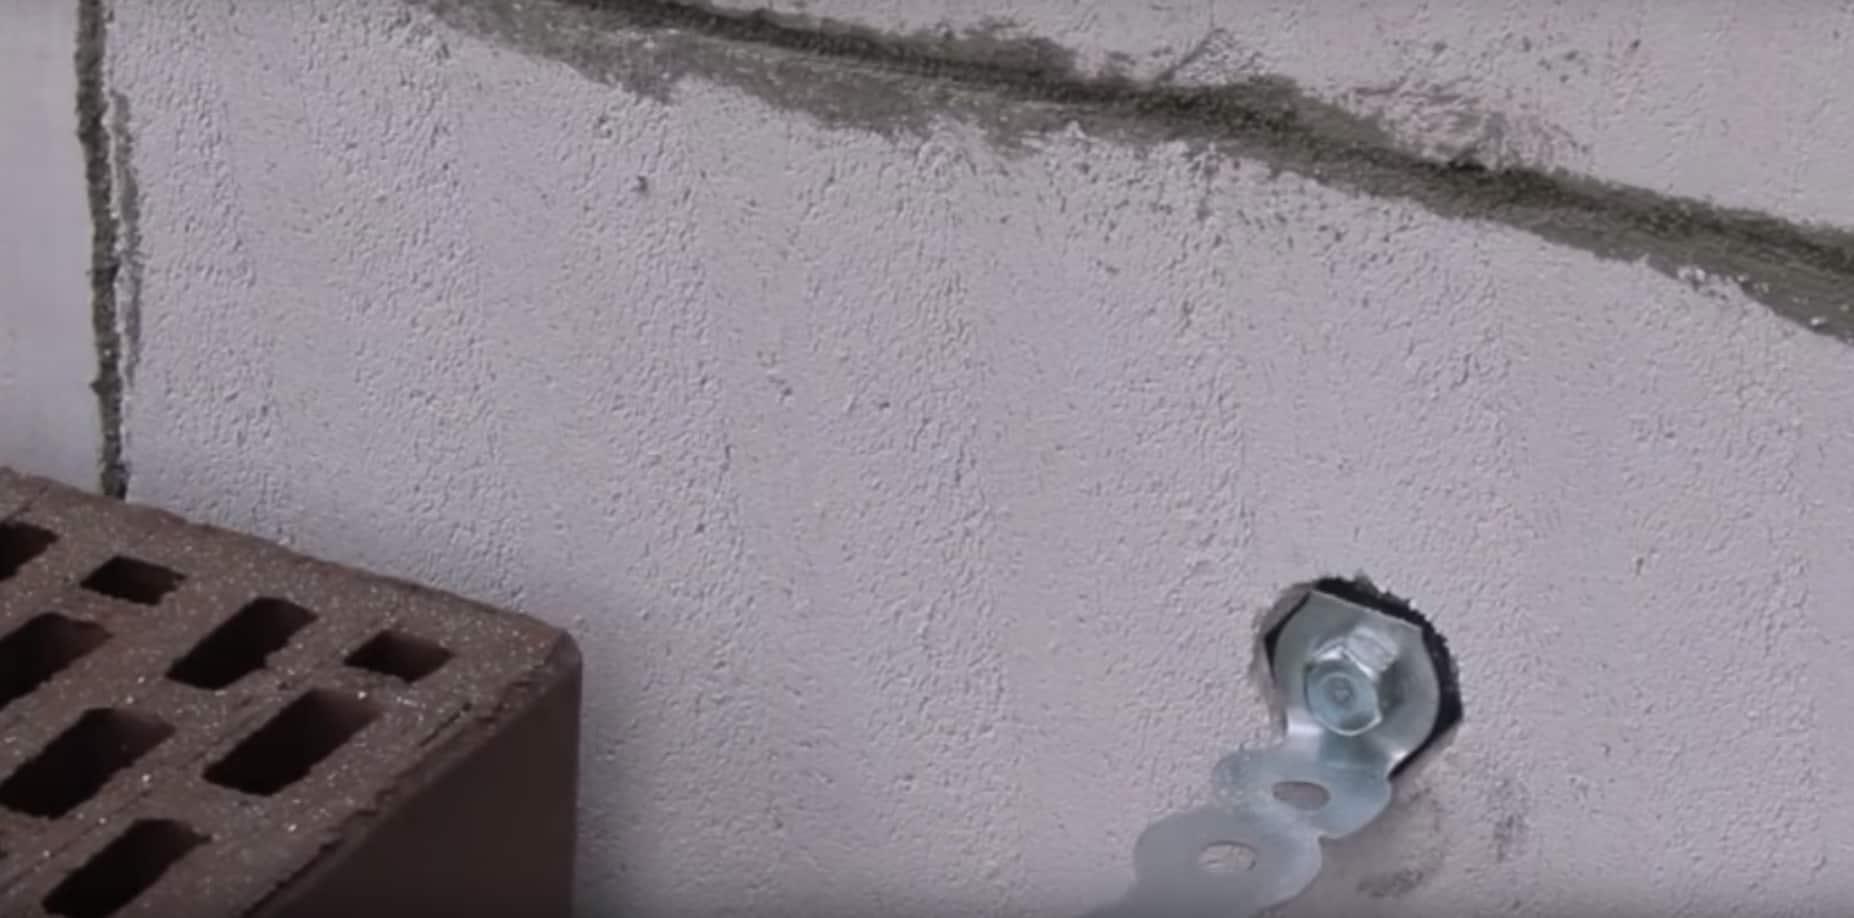 Dübel für Porenbeton 12x170mm auch Gasbeton Ytong hochporöse Baustoffe